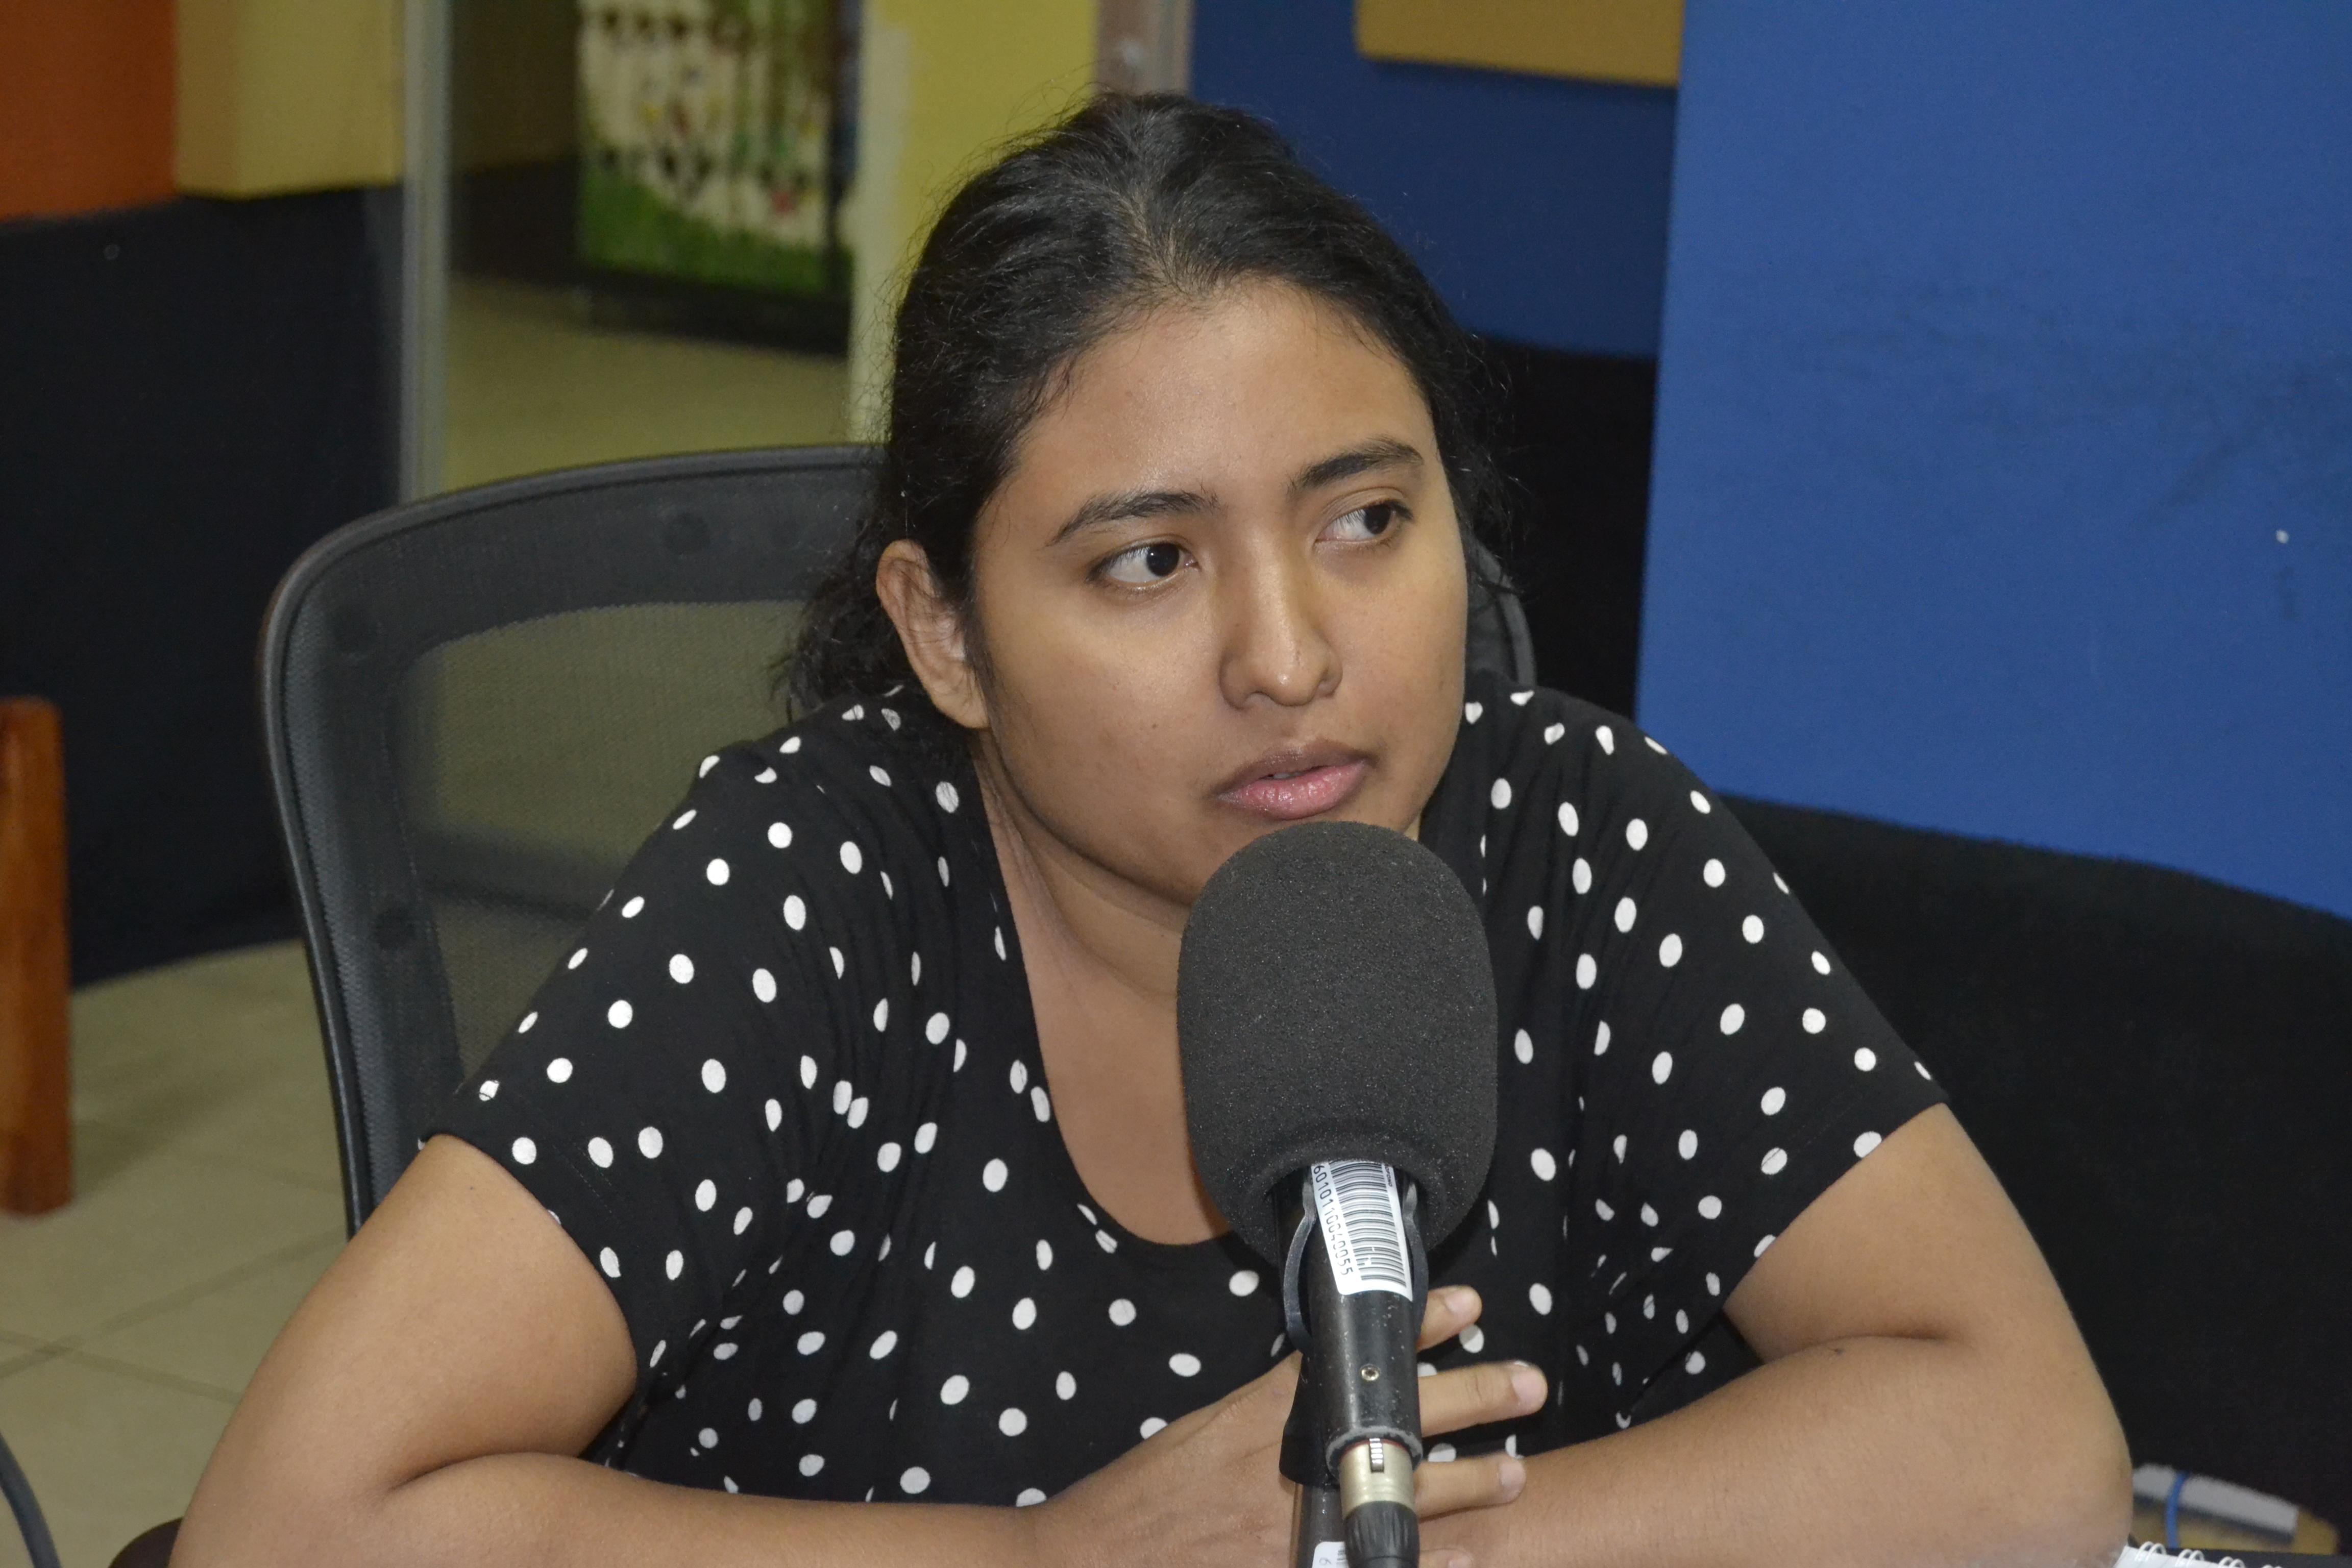 Enma Gutiérrez